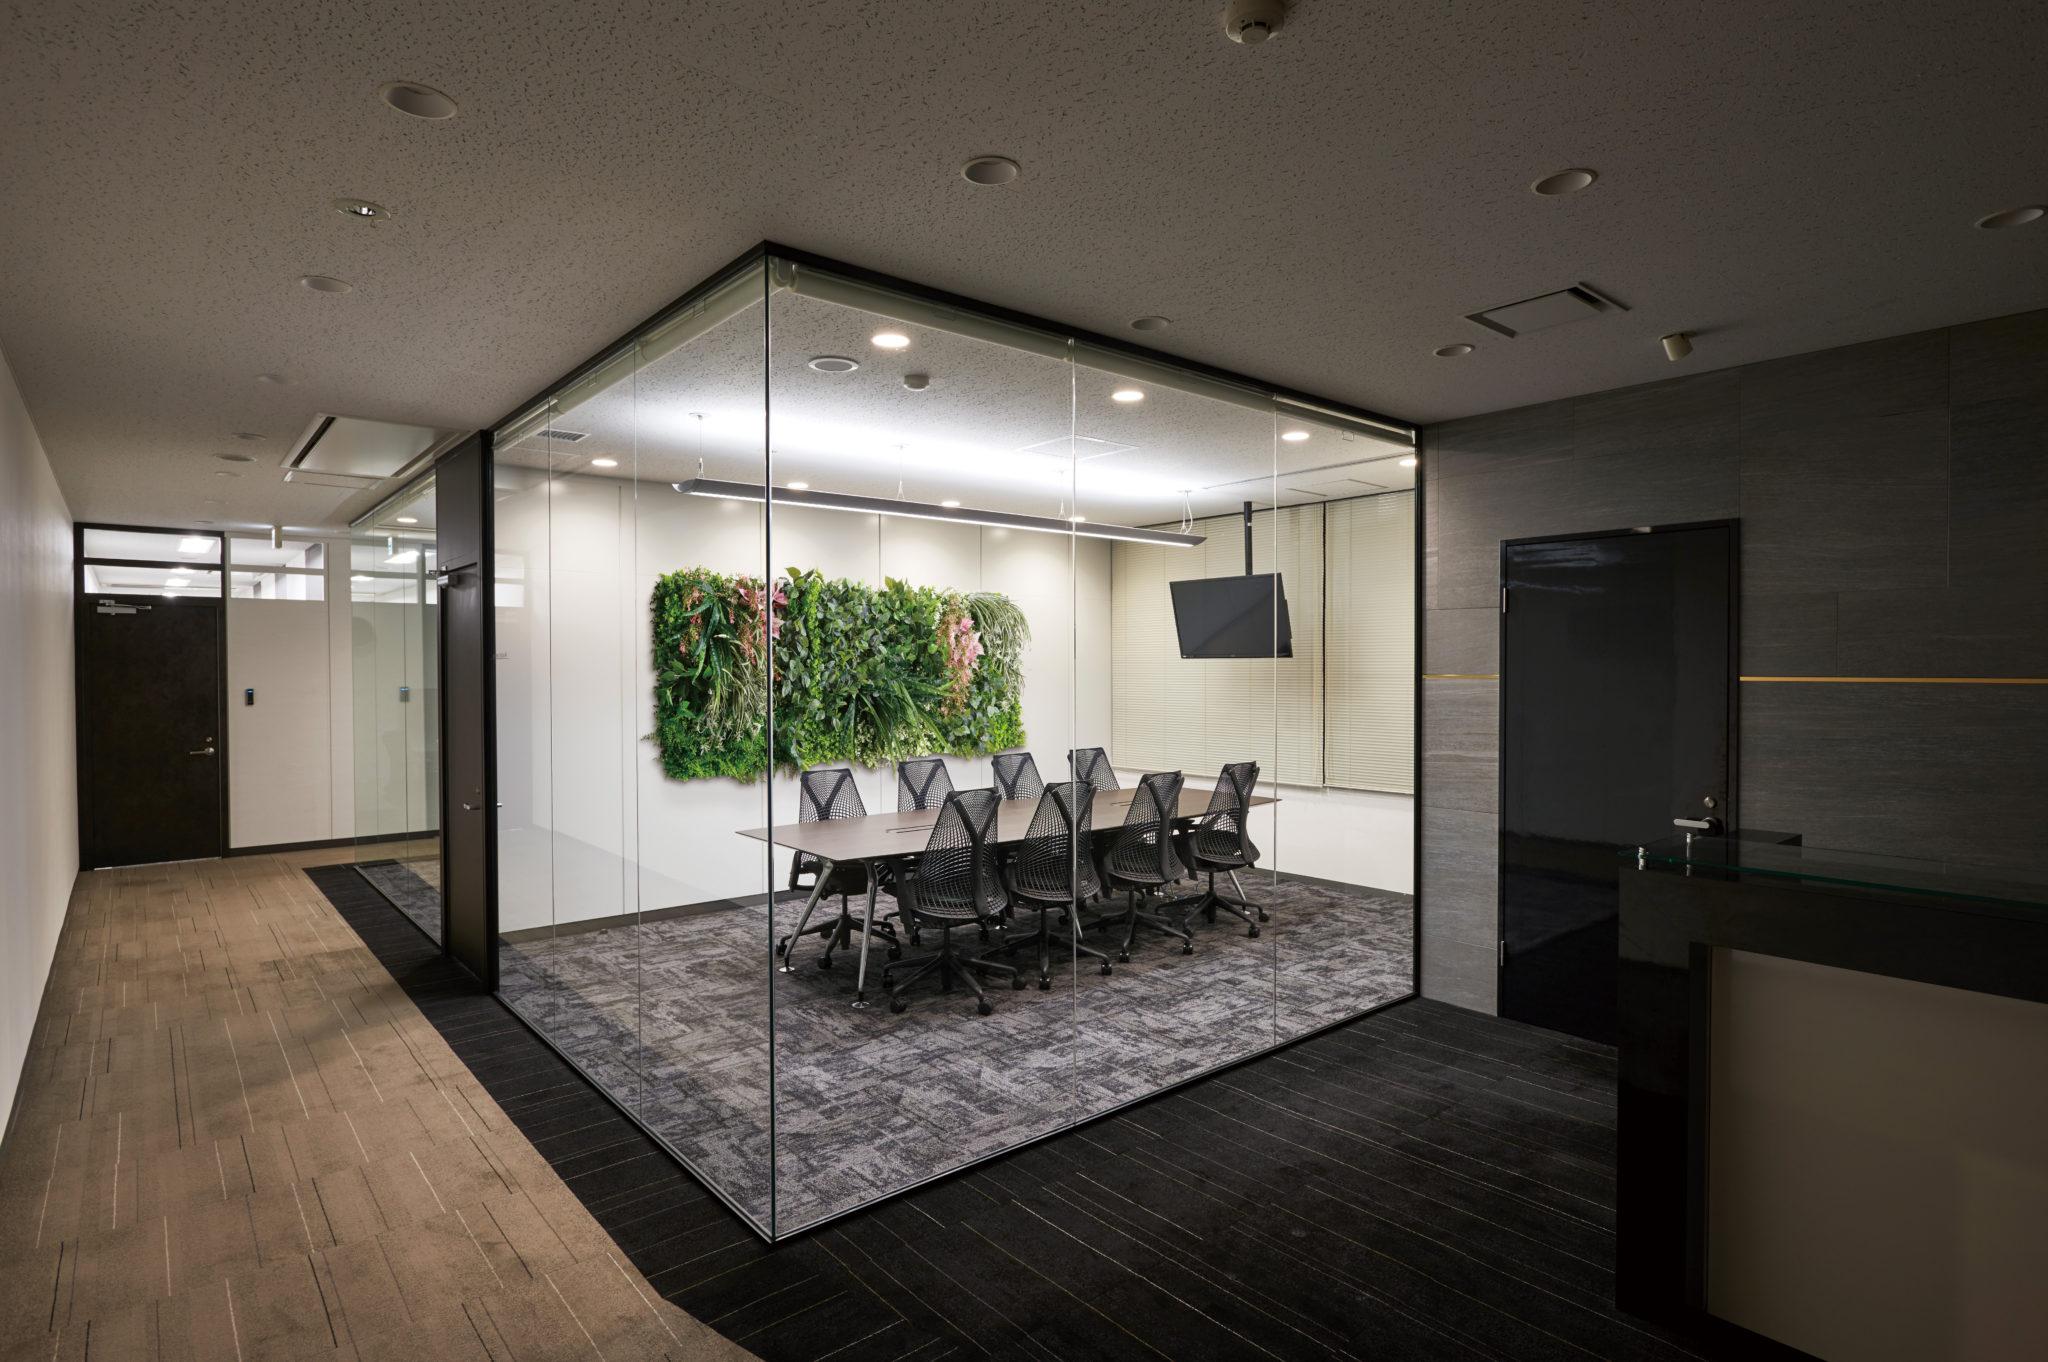 会議室 - ミーティングルームの壁_after